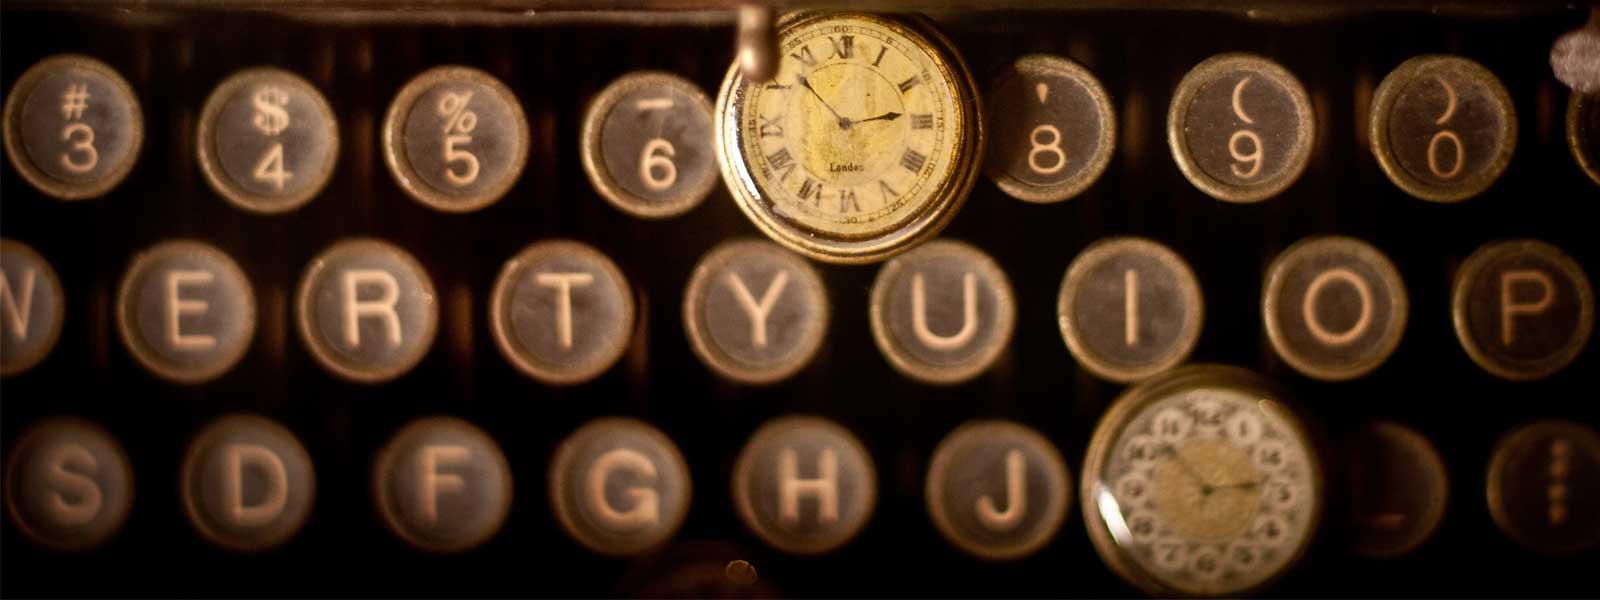 clock-and-typewriter